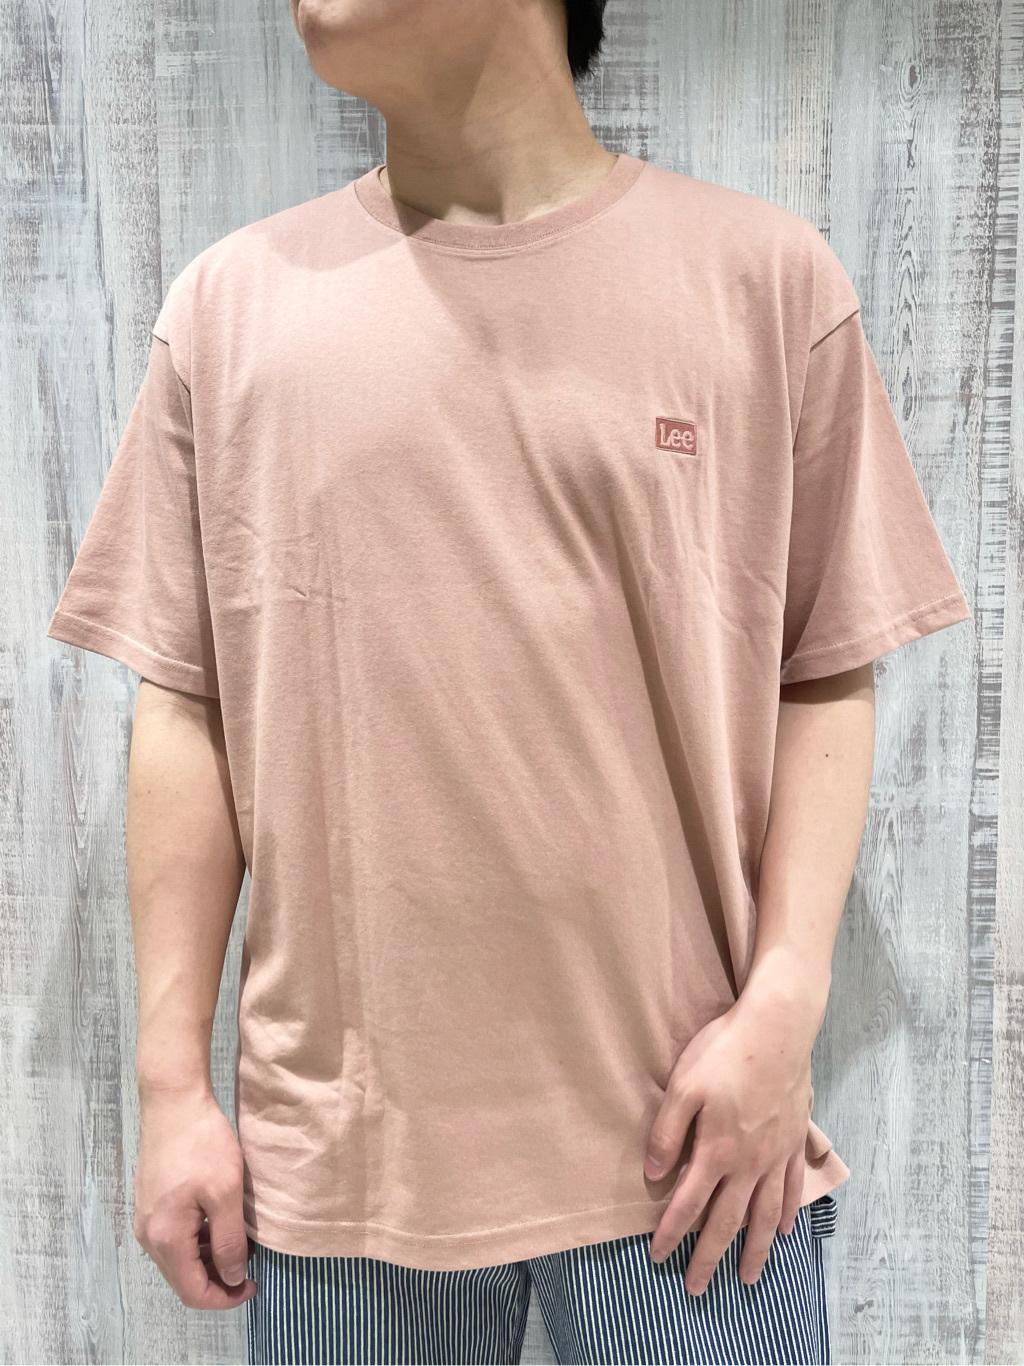 Lee 名古屋店のTomoさんのLeeの【ユニセックス】バックプリント 半袖Tシャツを使ったコーディネート